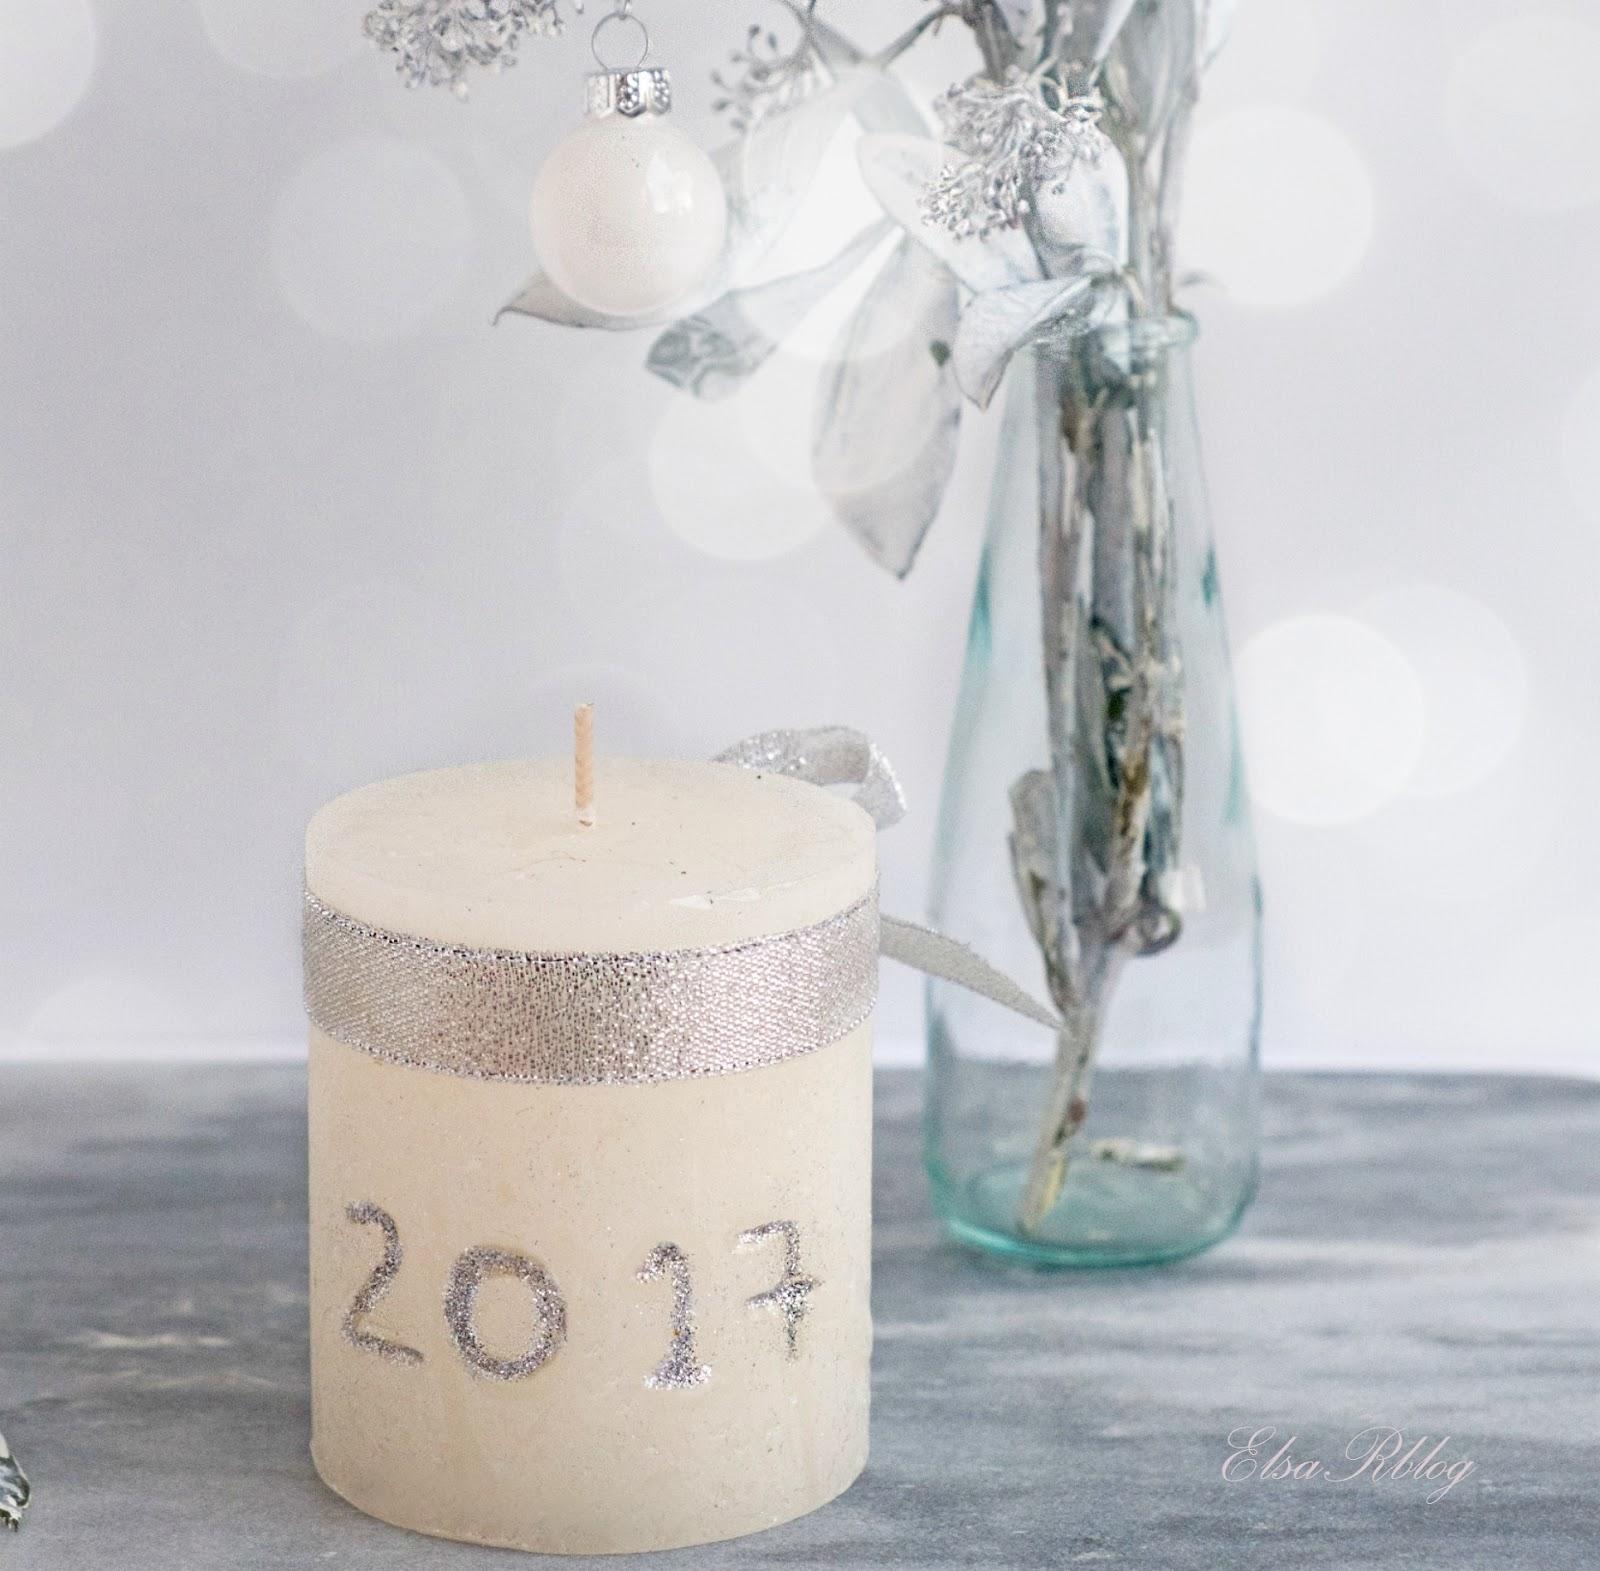 Zelf een kaars maken voor nieuwjaar diy decoratie for Decoratie bruiloft zelf maken